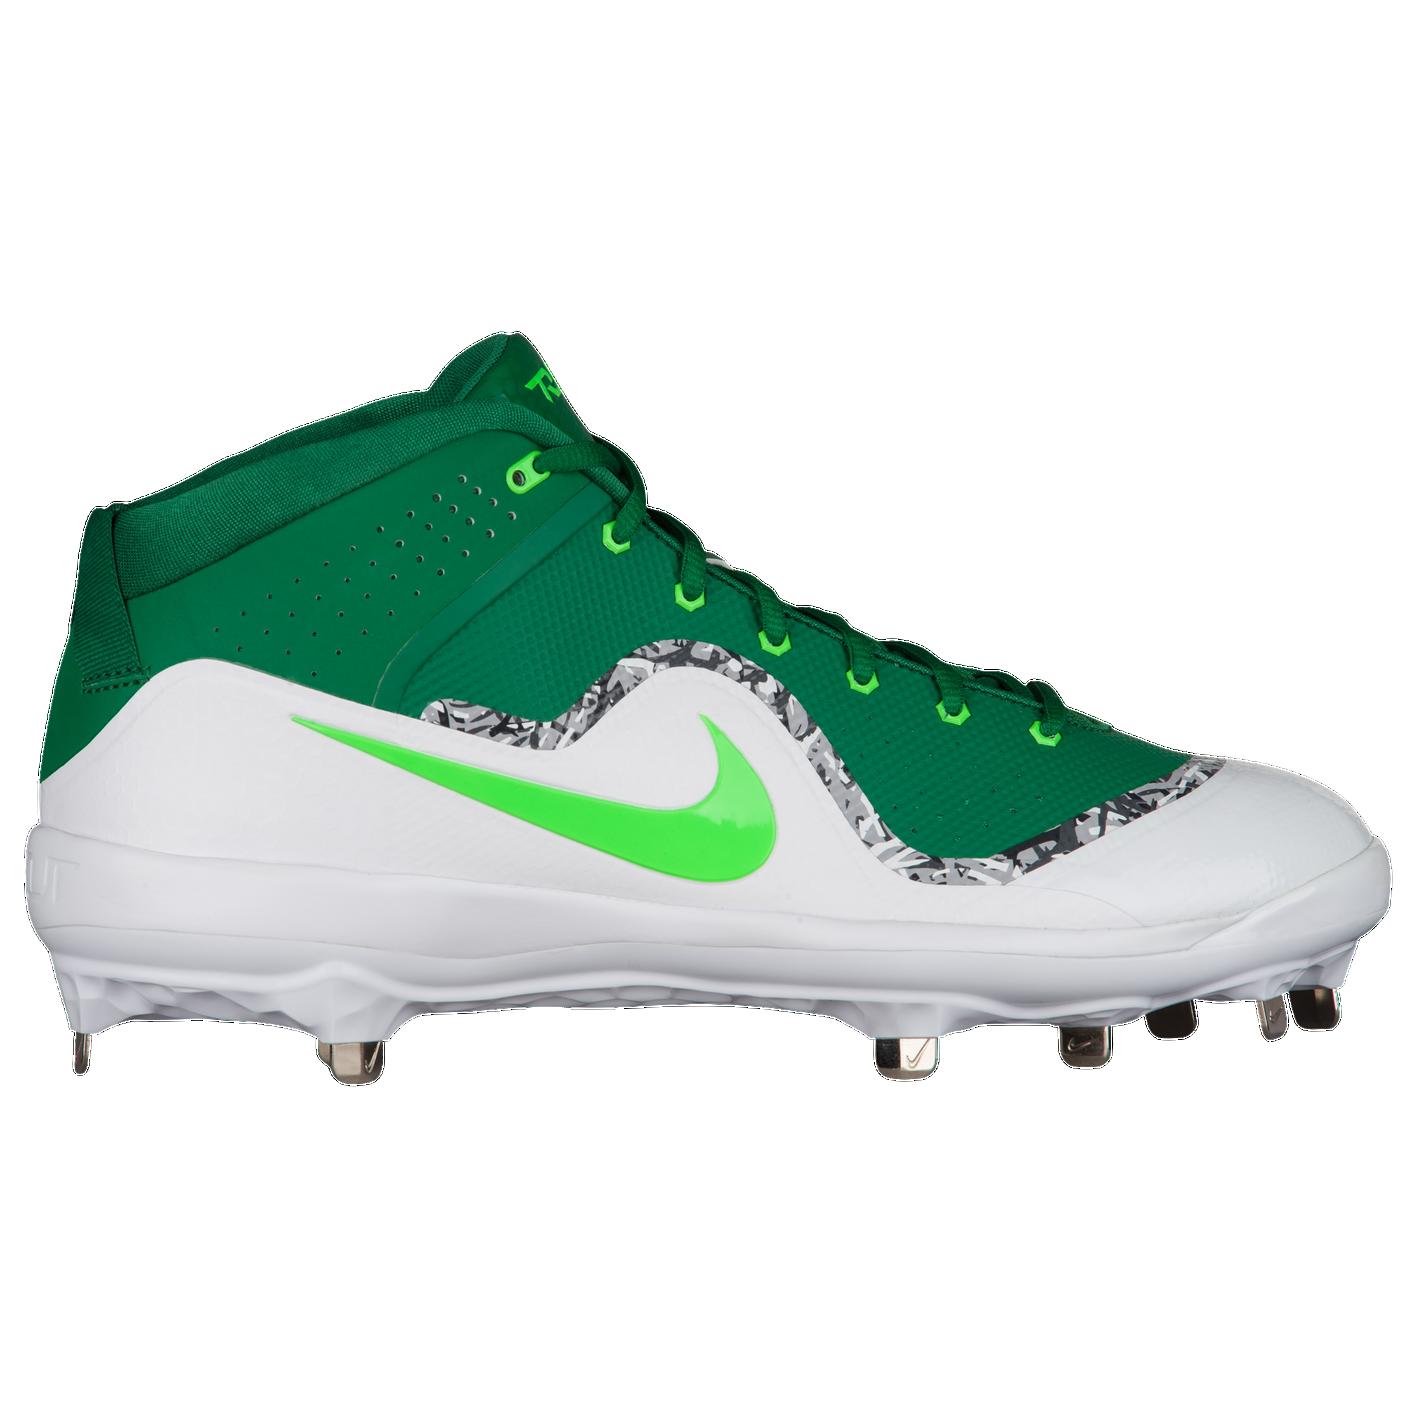 e3d321ce0 Nike Air Trout 4 Pro - Men s - Baseball - Shoes - Trout